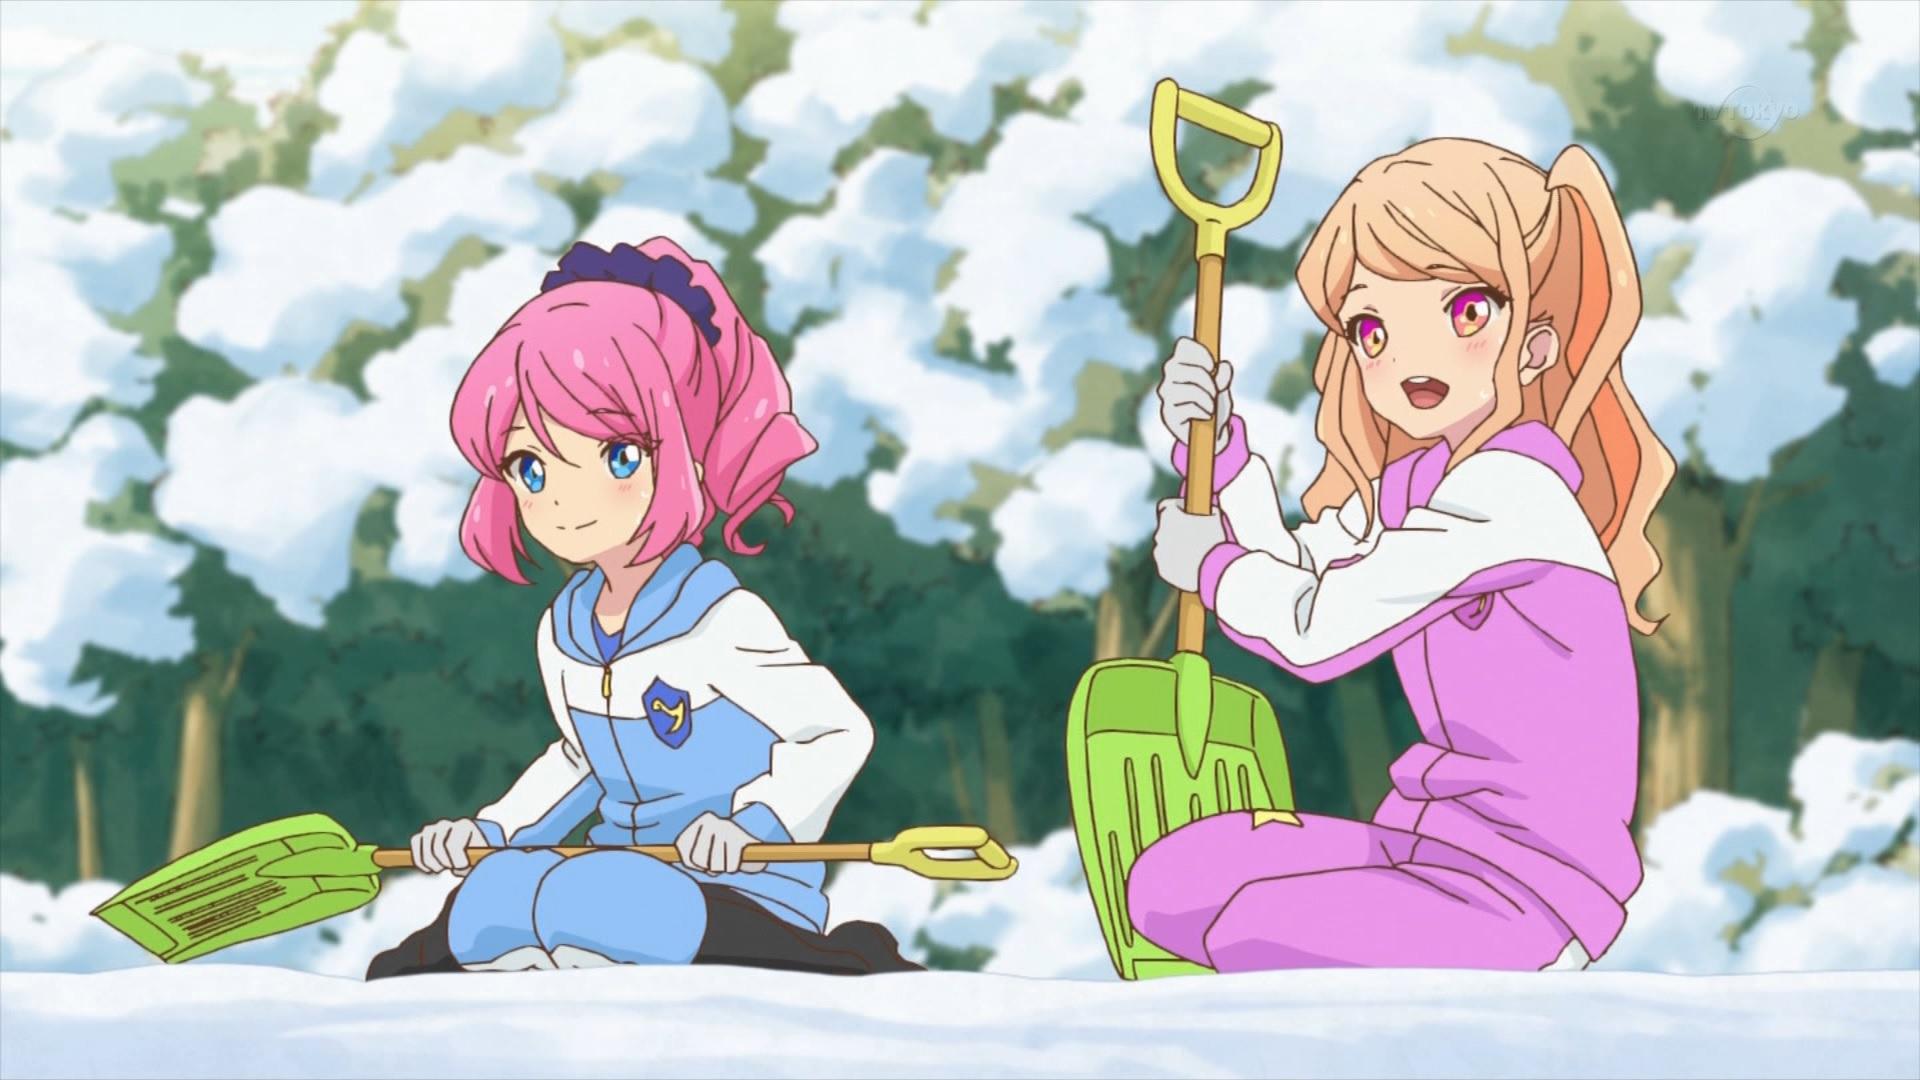 雪かきをする桜庭ローラと香澄真昼(44話画像)